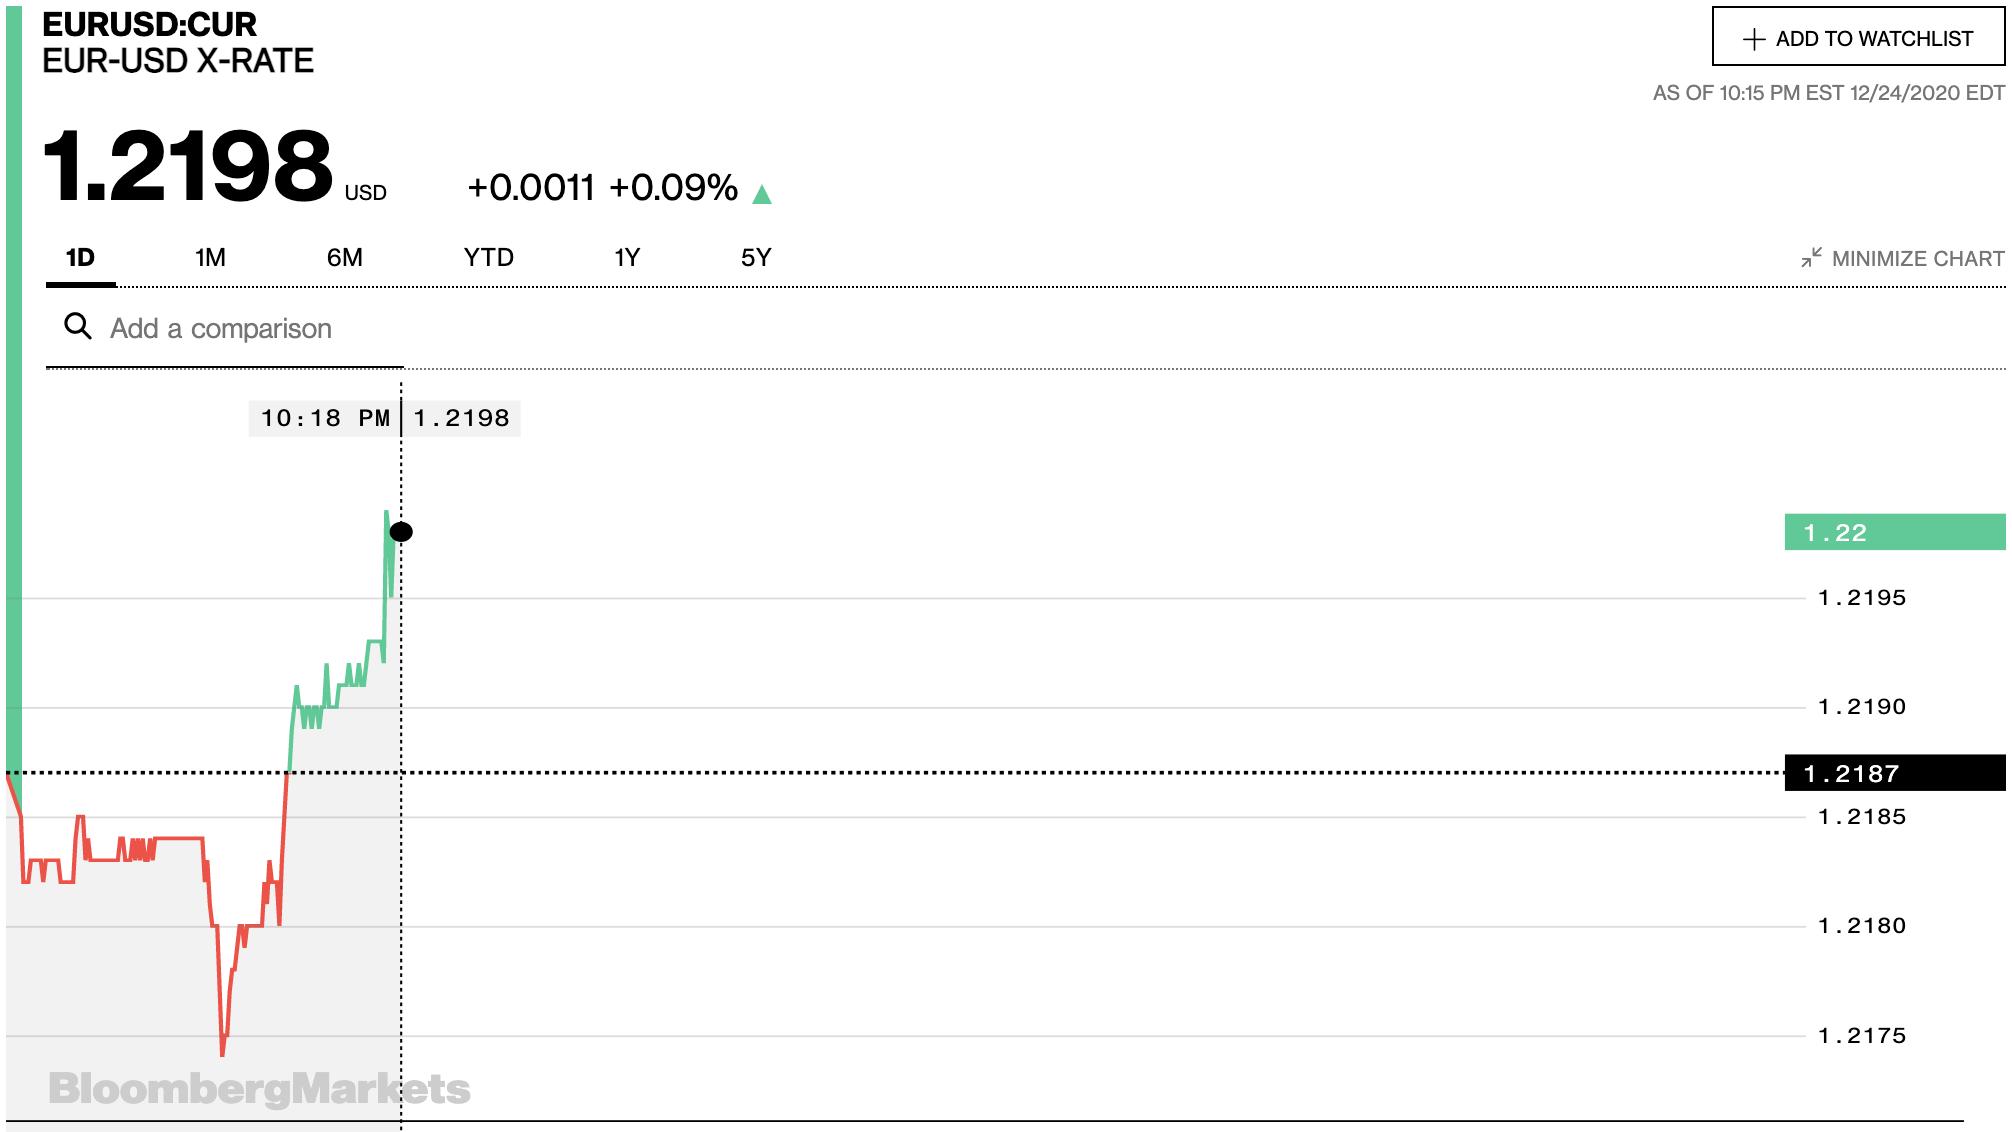 Tỷ giá euro hôm nay 25/12: Bất ngờ xu hướng giảm chiếm đa số ngân hàng - Ảnh 2.